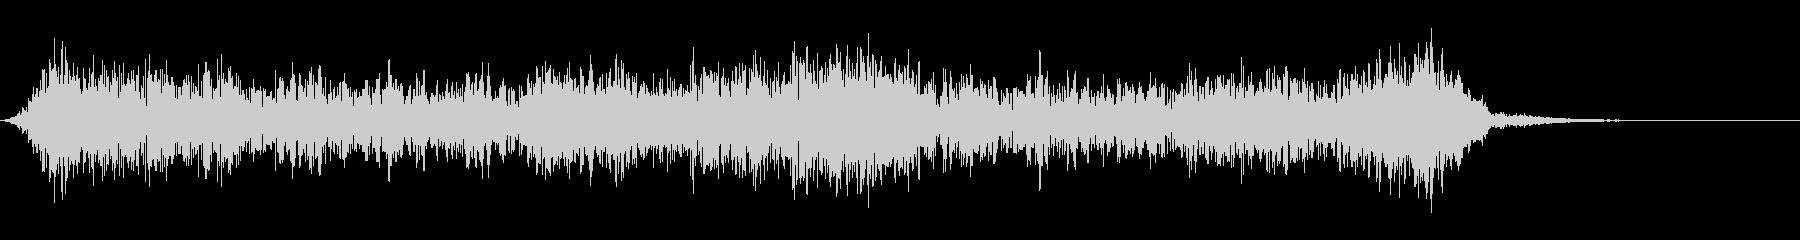 エリー・グロールズの未再生の波形